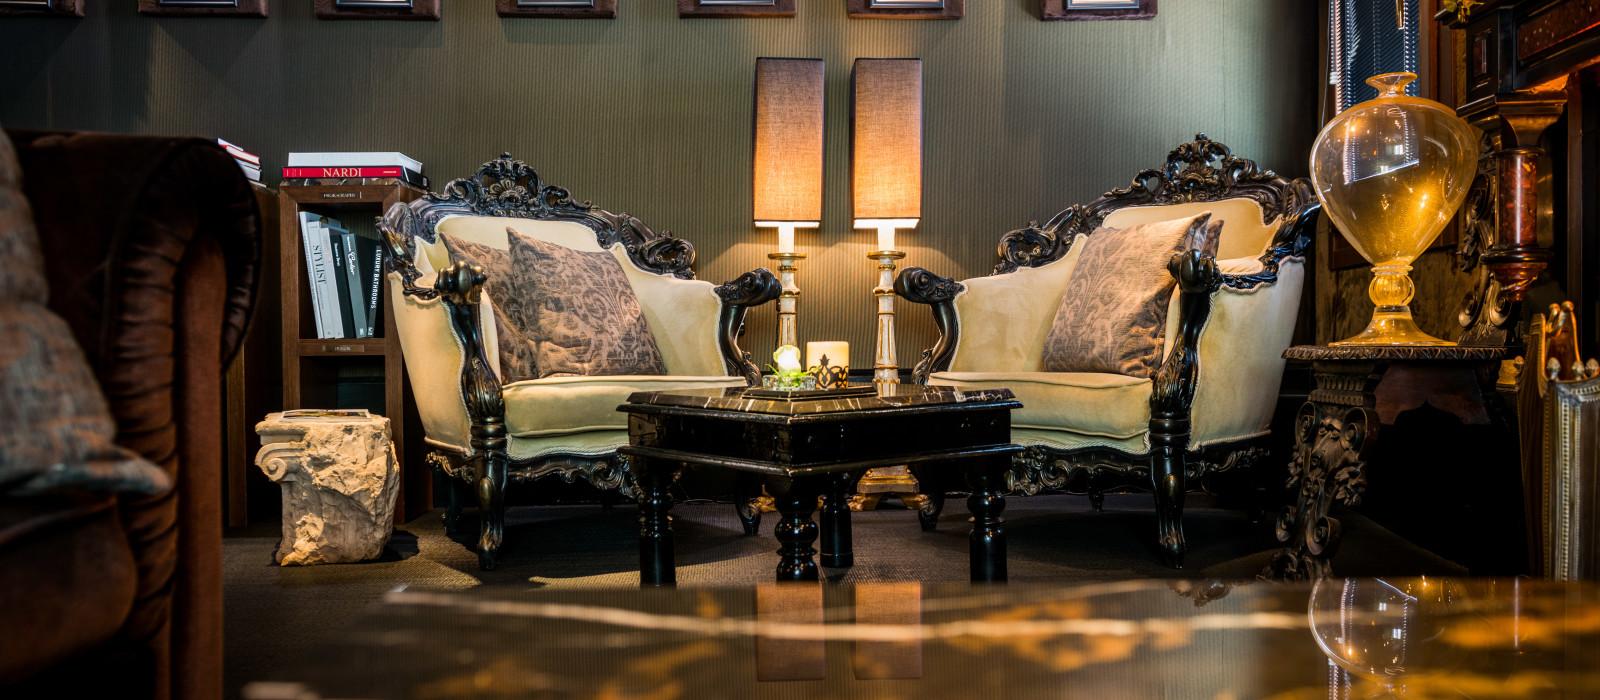 Hotel Ca Maria Adele Italy